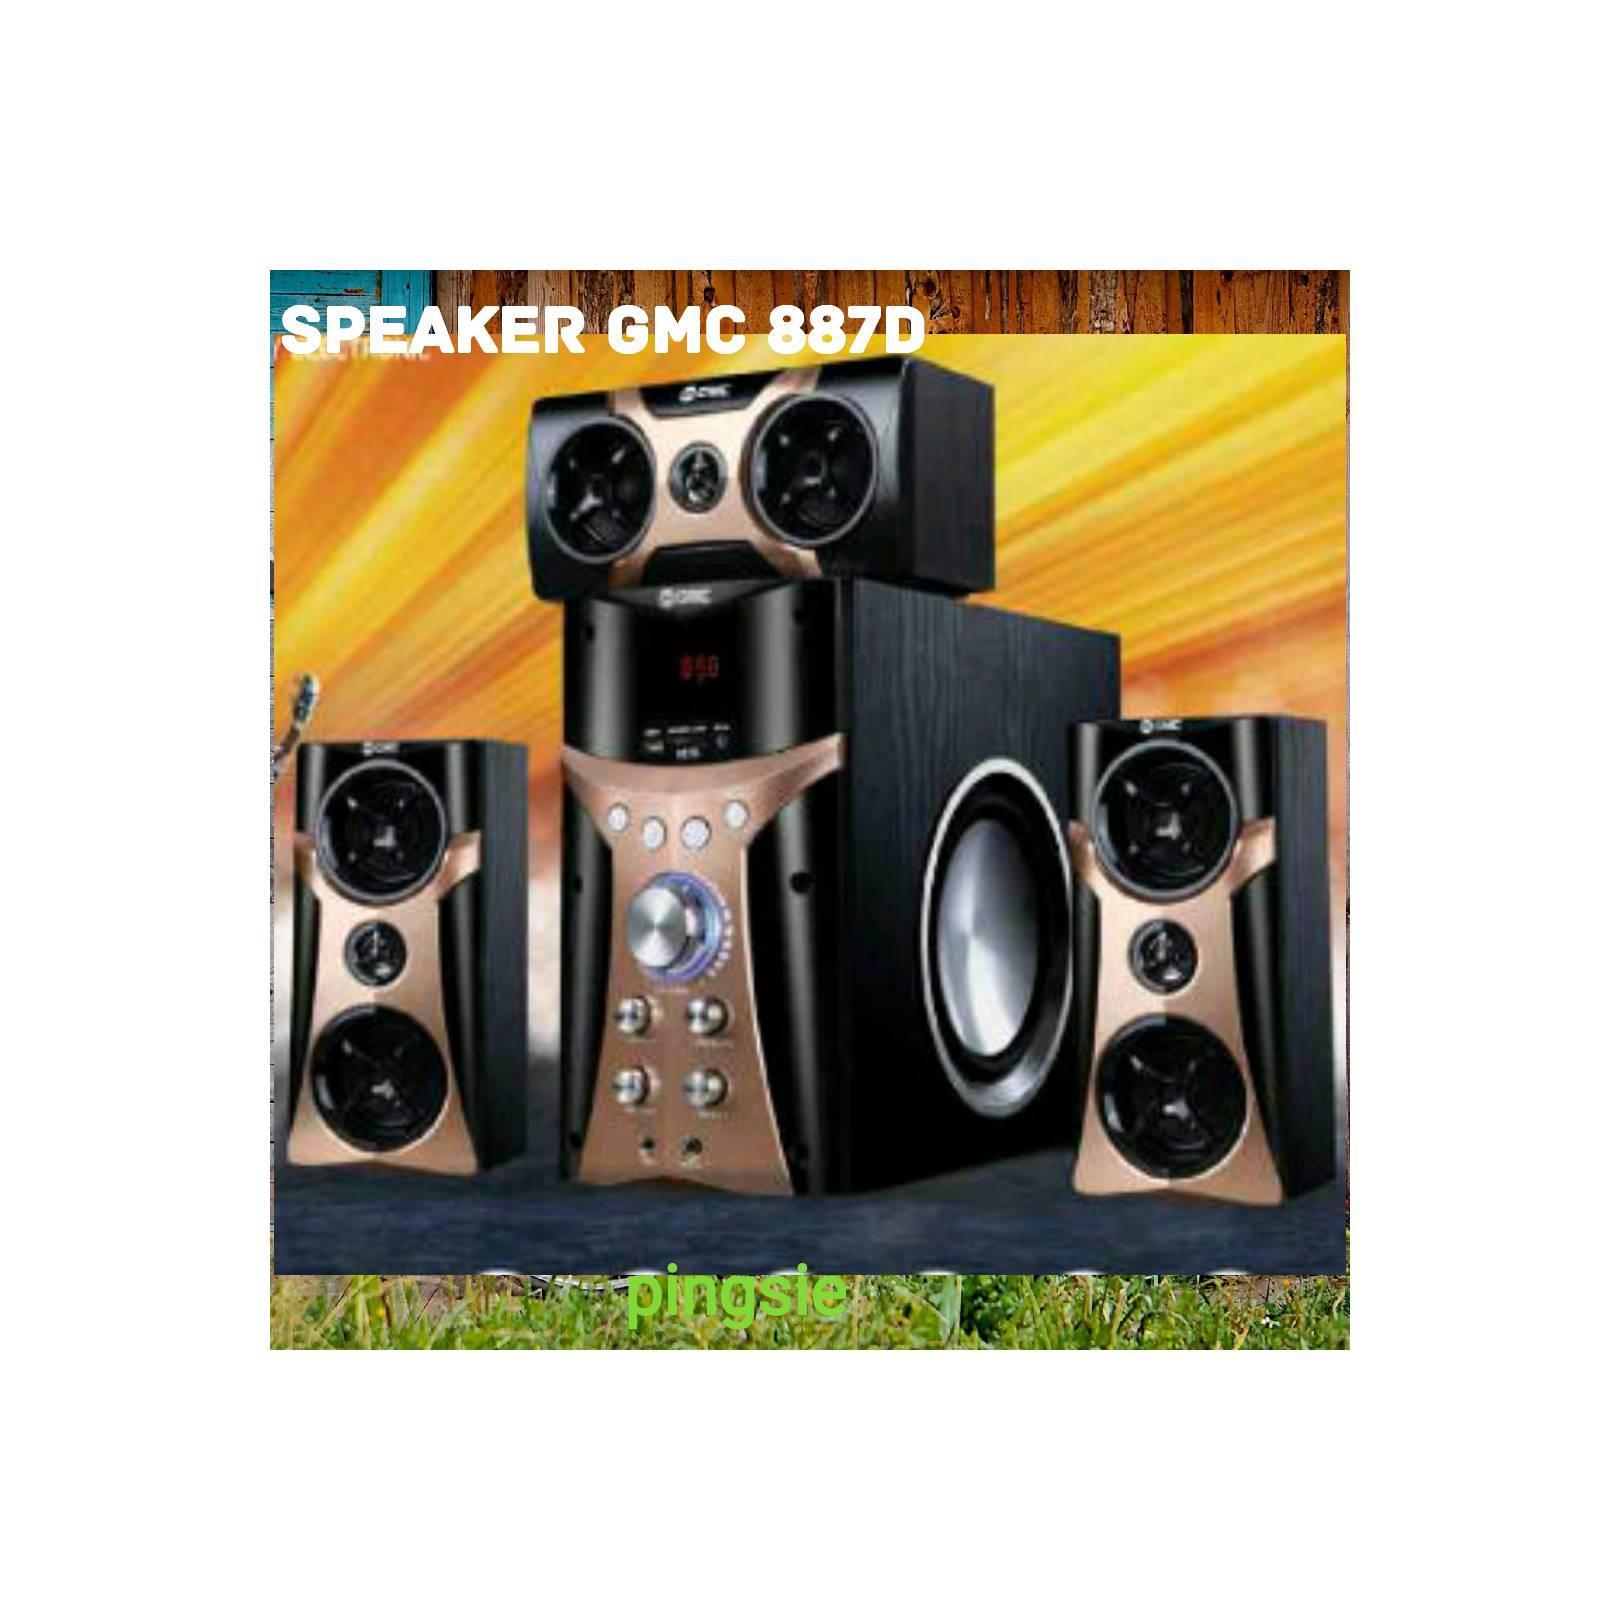 Speaker GMC 887 D